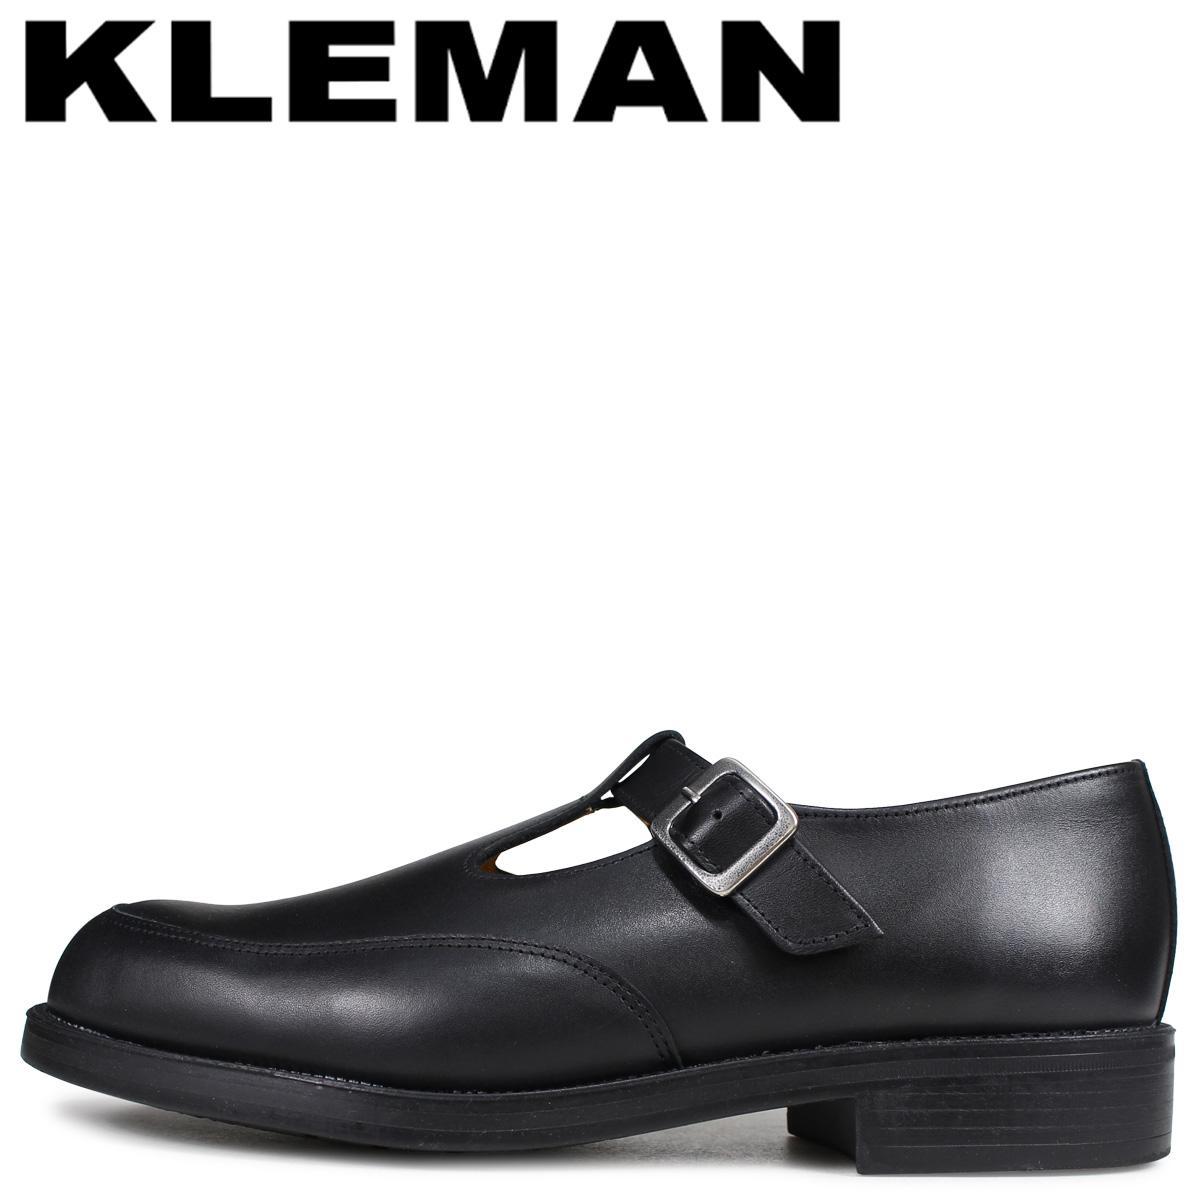 クレマン KLEMAN デイジー 靴 Tストラップ シューズ メンズ DAISY OR ブラック 黒 XA54102